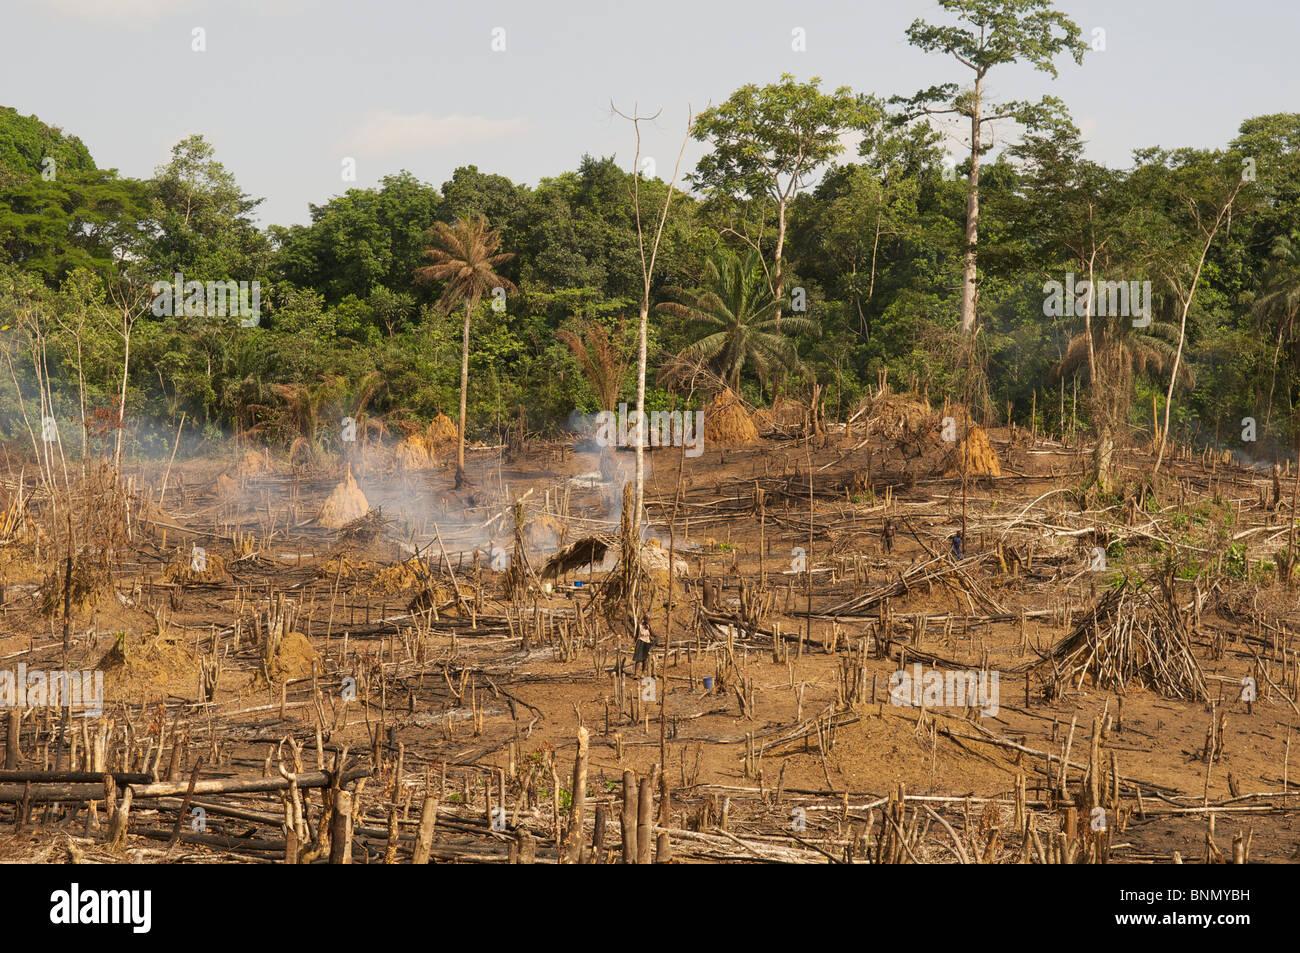 Roza y Quema la deforestación en Liberia Imagen De Stock